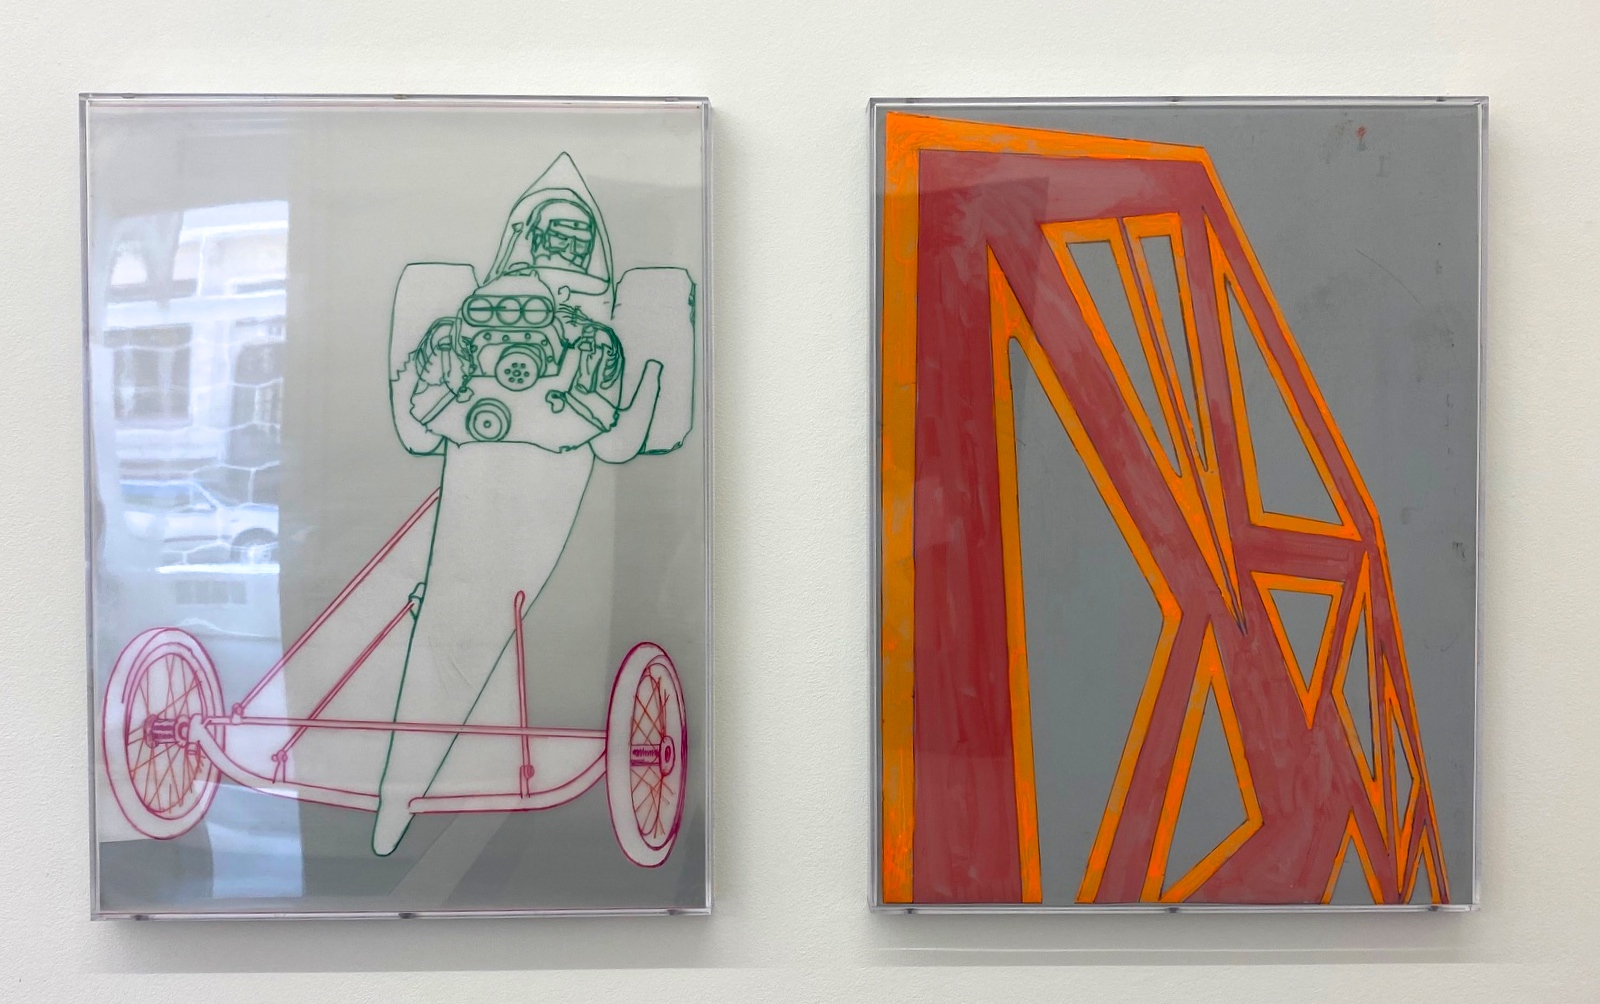 Blair Thurman,Galerie Joy de Rouvre